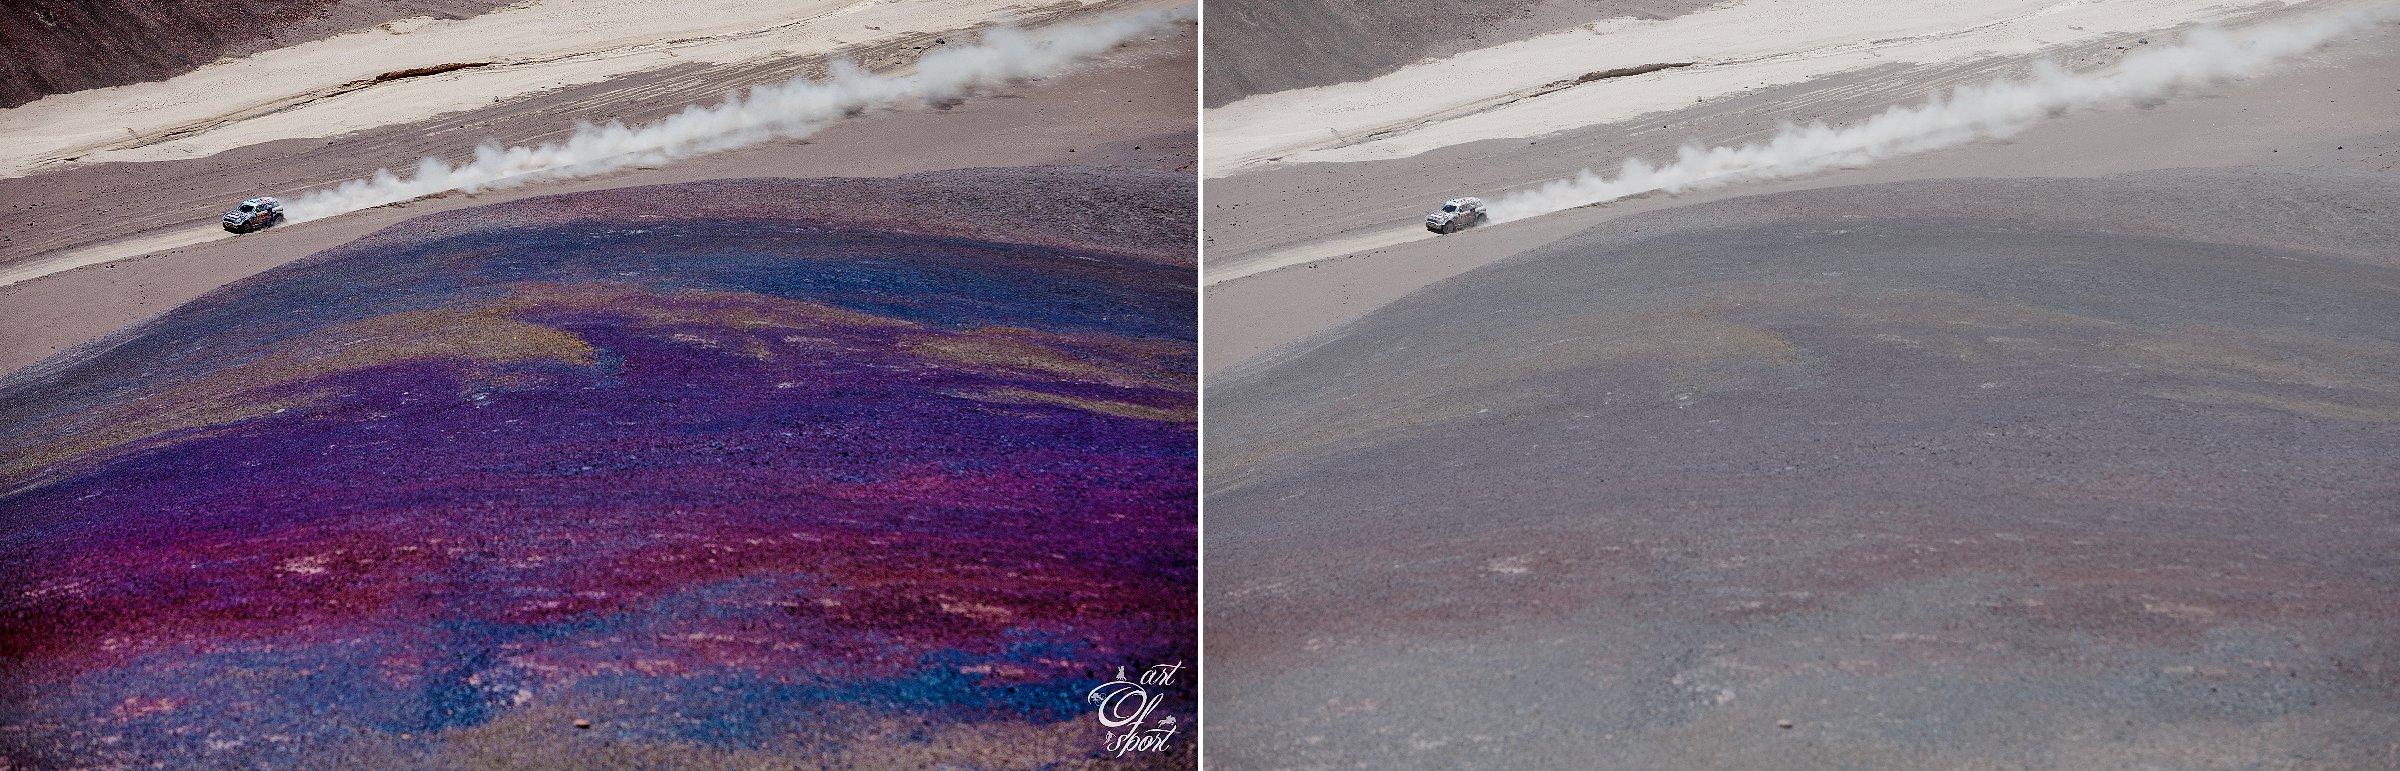 Kontrast, saturace, barevné zvýraznění duhového svahu v popředí